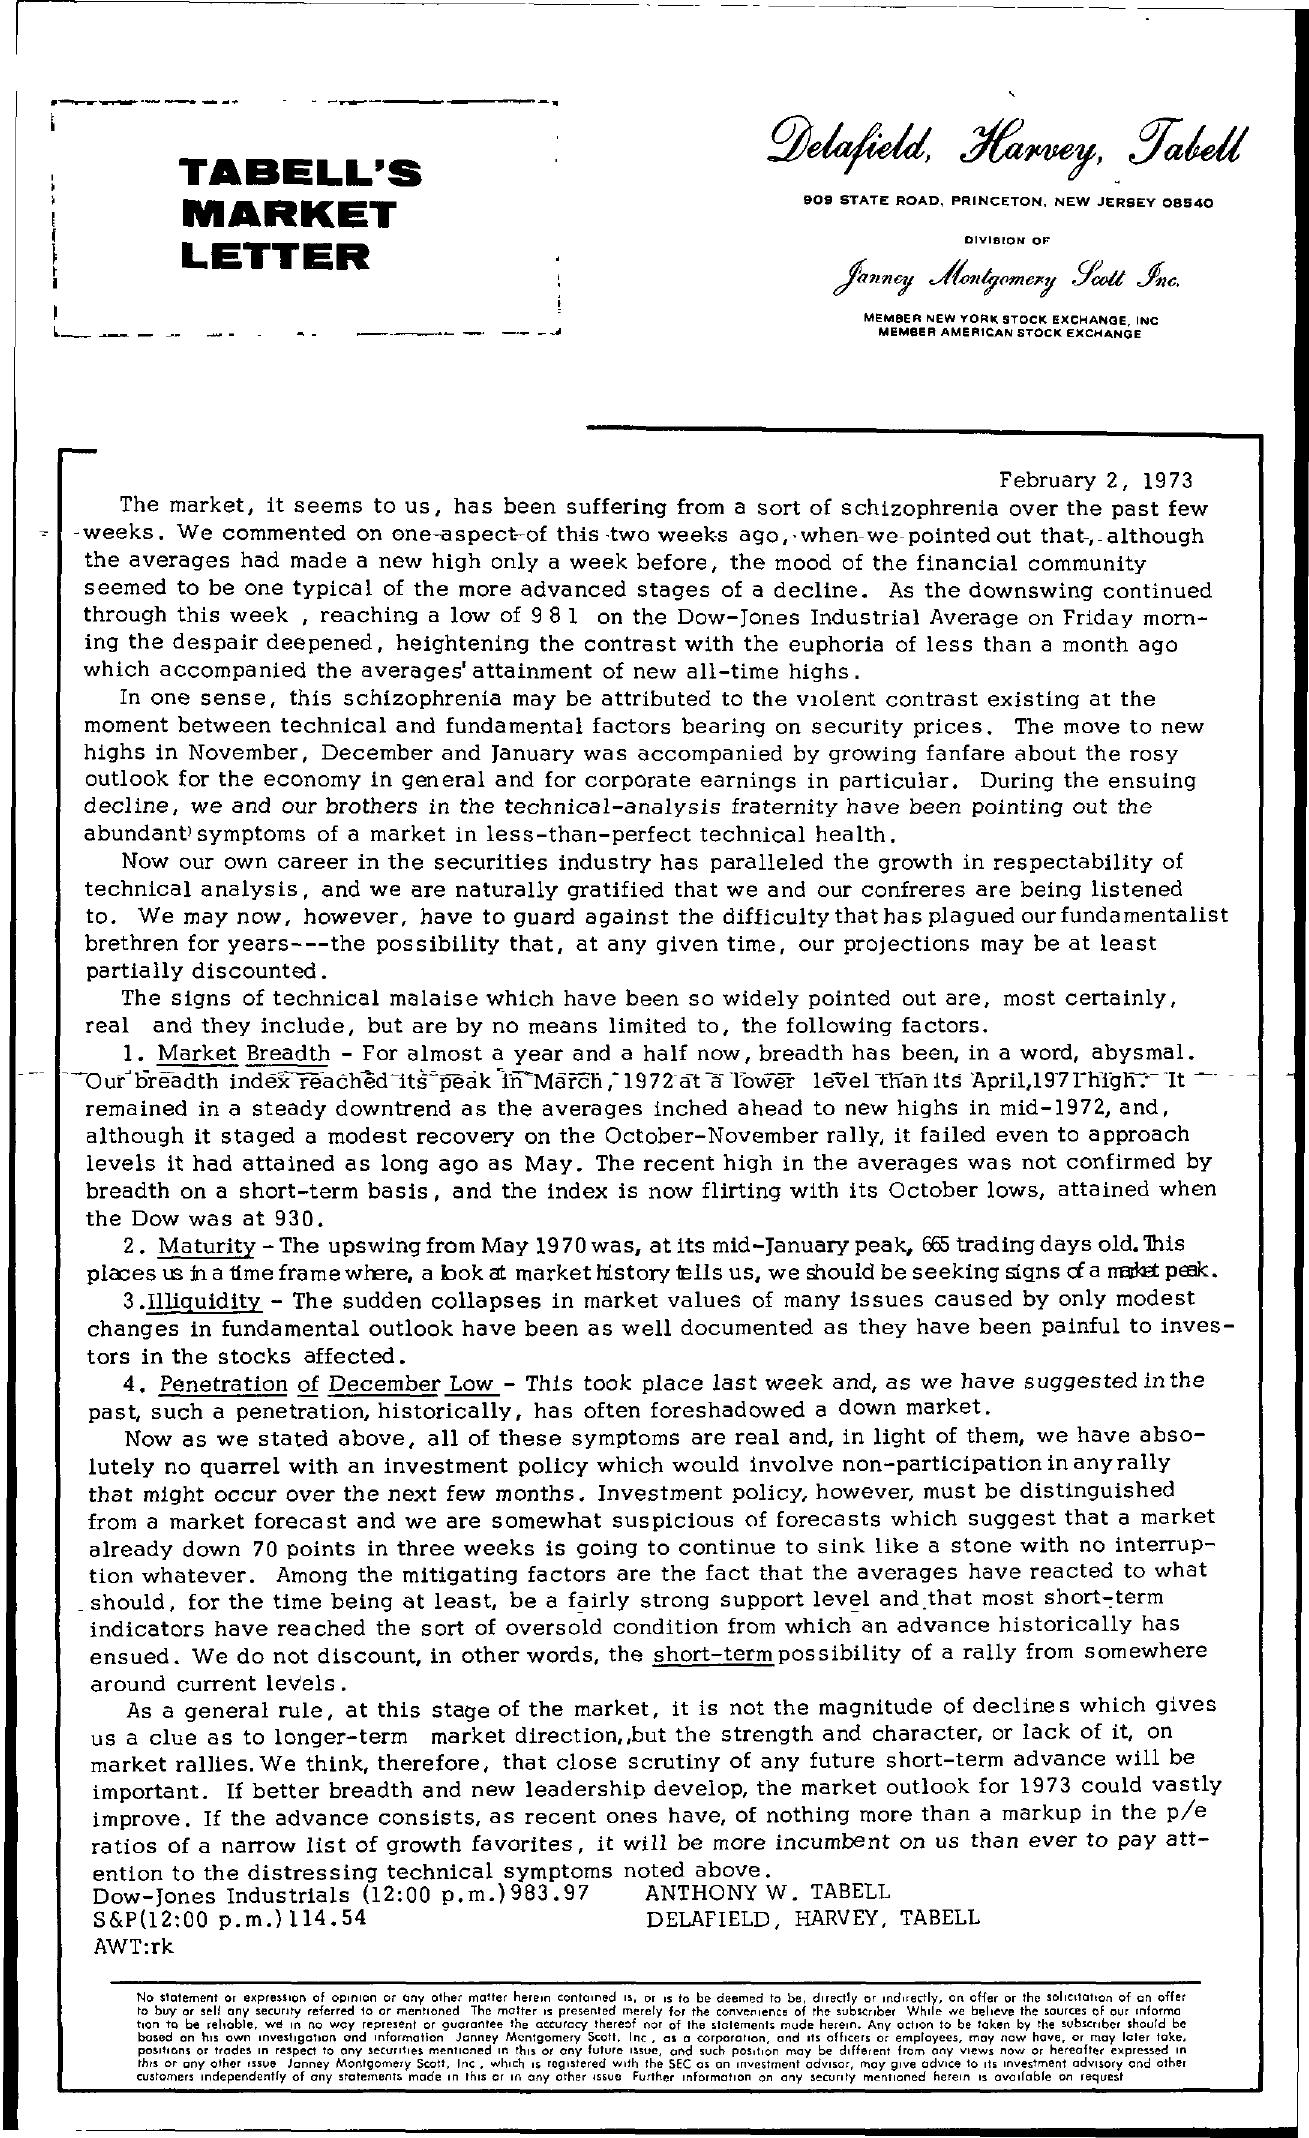 Tabell's Market Letter - February 02, 1973